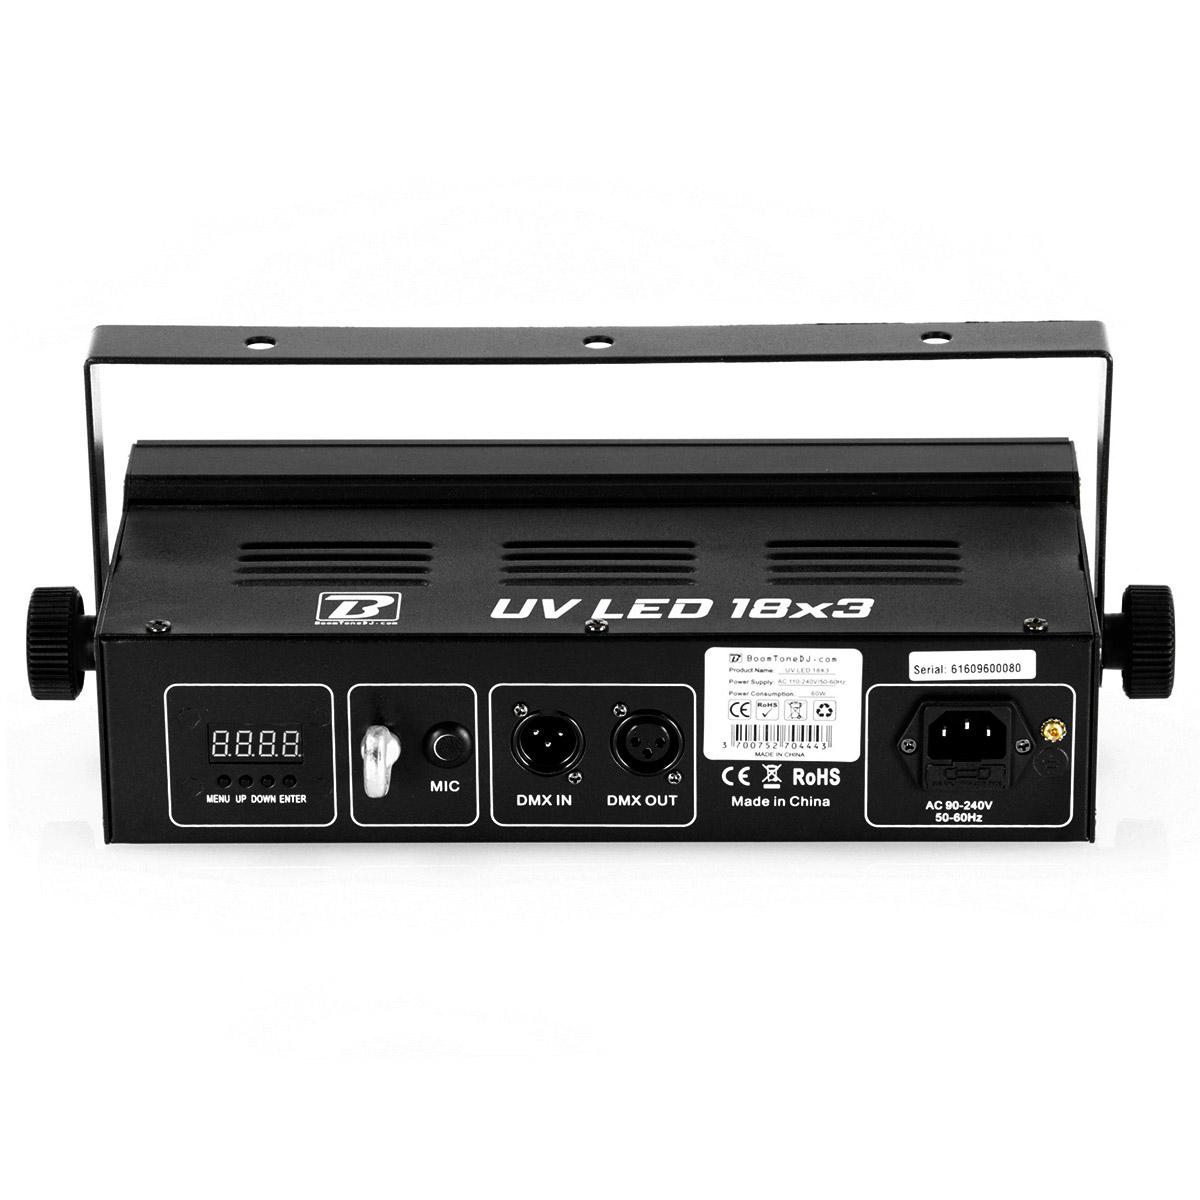 UV LED 18X3